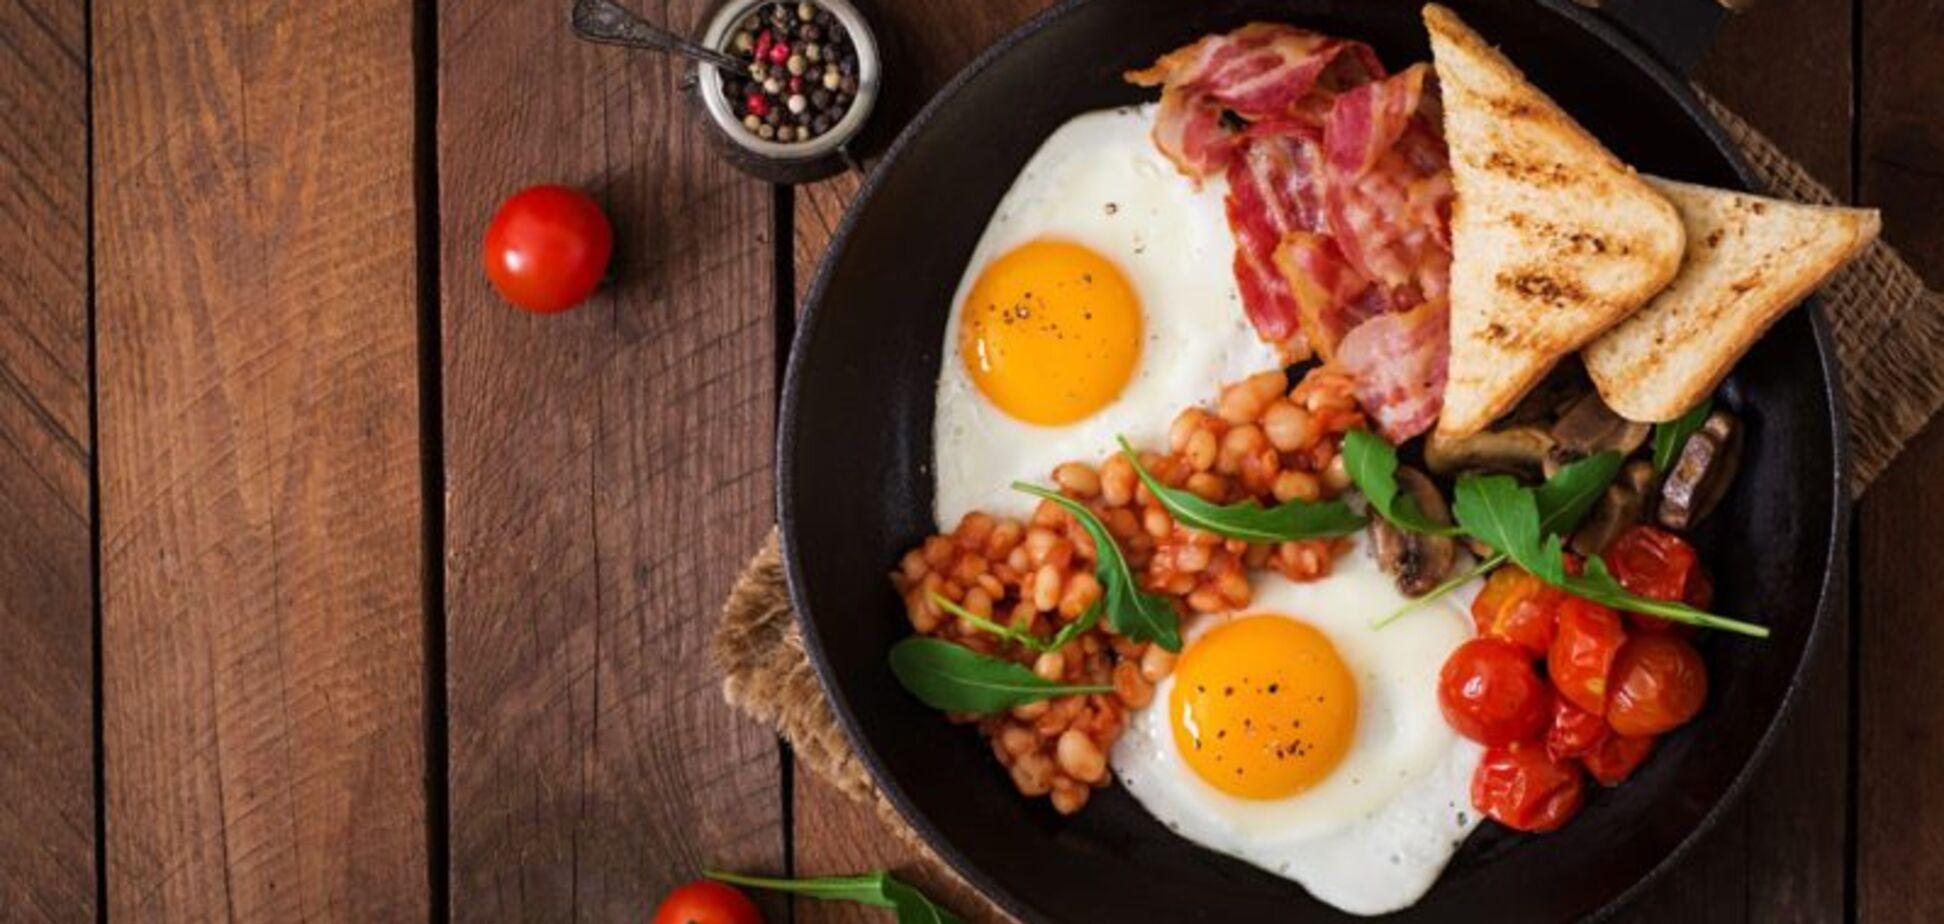 Дієтологиня назвала найшкідливіший сніданок